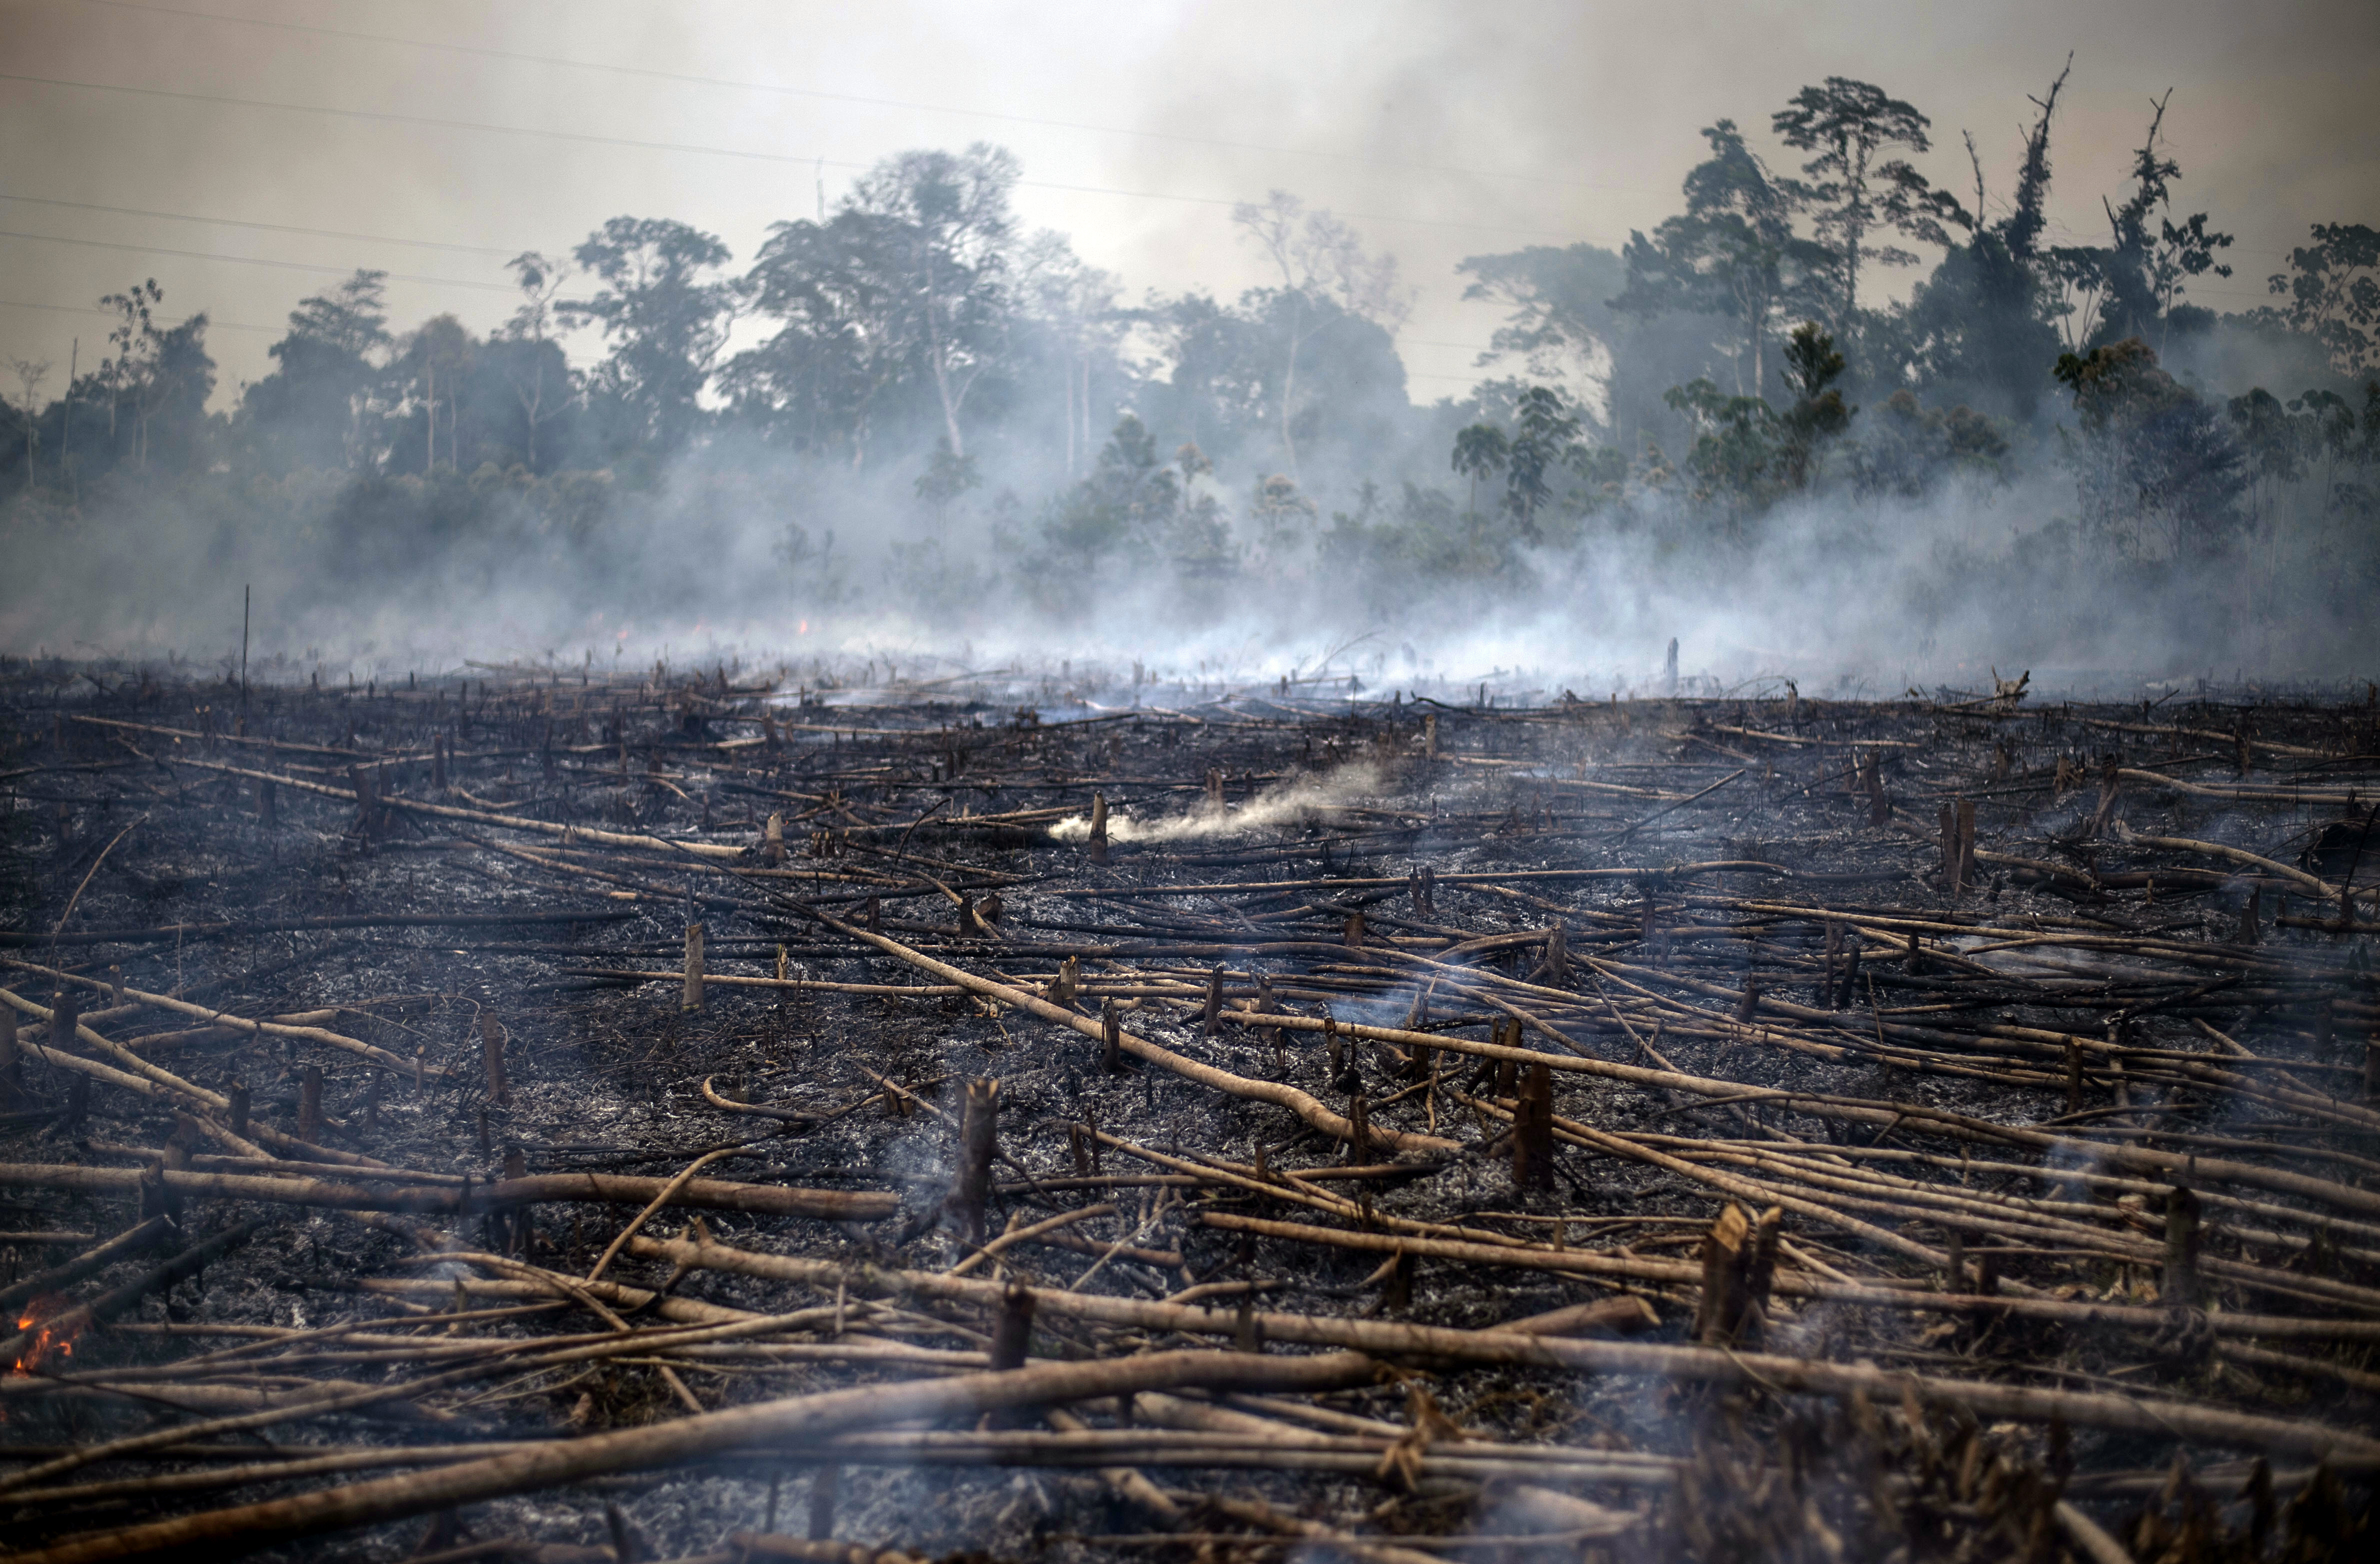 Idén már majdnem kétszer annyi esőerdőt pusztítottak ki Brazíliában, mint tavaly